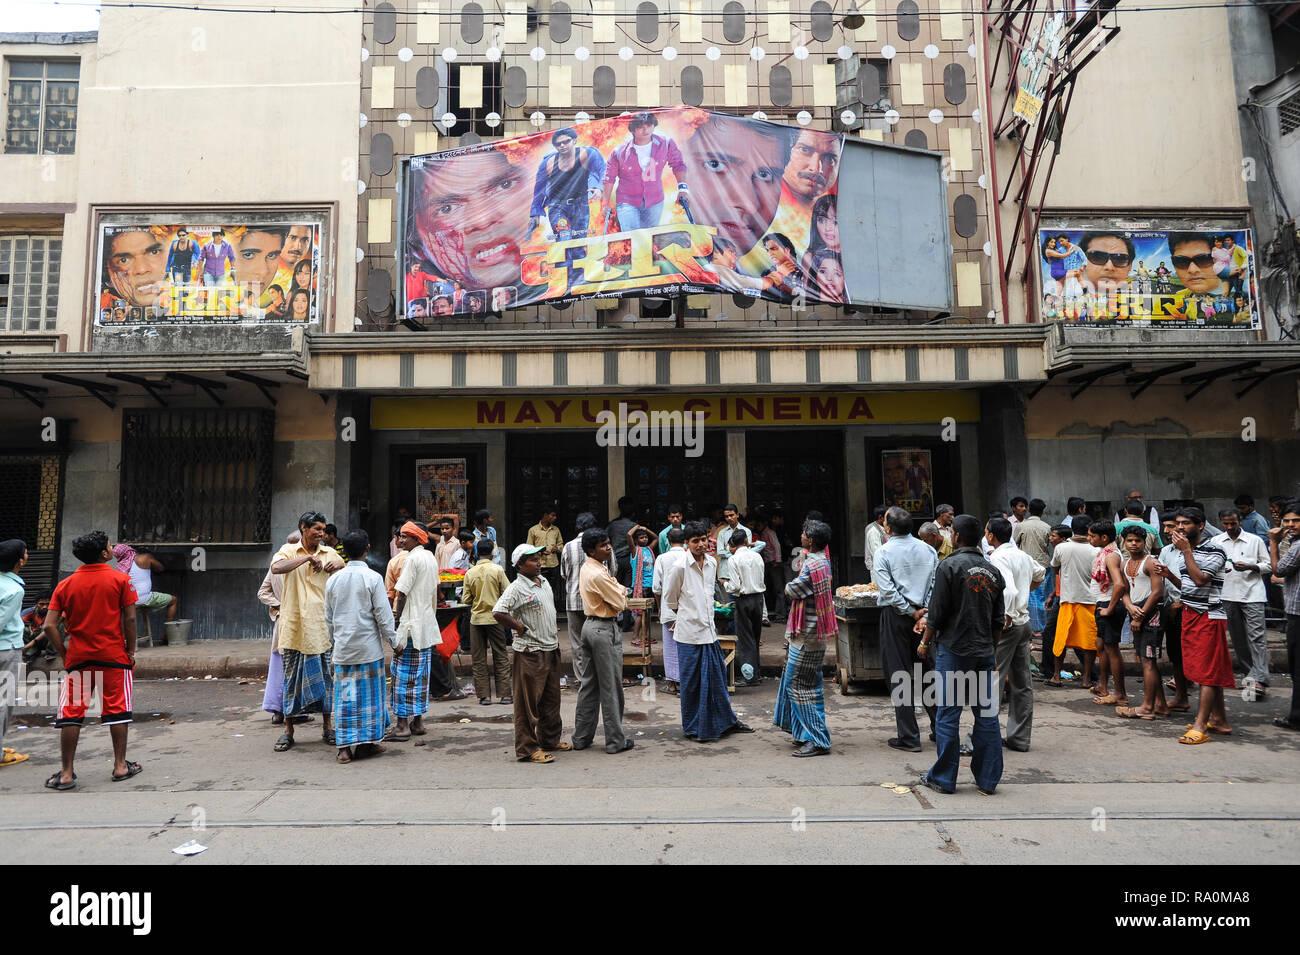 20.02.2011, Kolkata, Westbengalen, Indien, Asien - eine grosse Gruppe von Indern wartet vor dem Eingang des Kinos auf den Beginn. 0 SL 110220 D007 CARO Stockbild